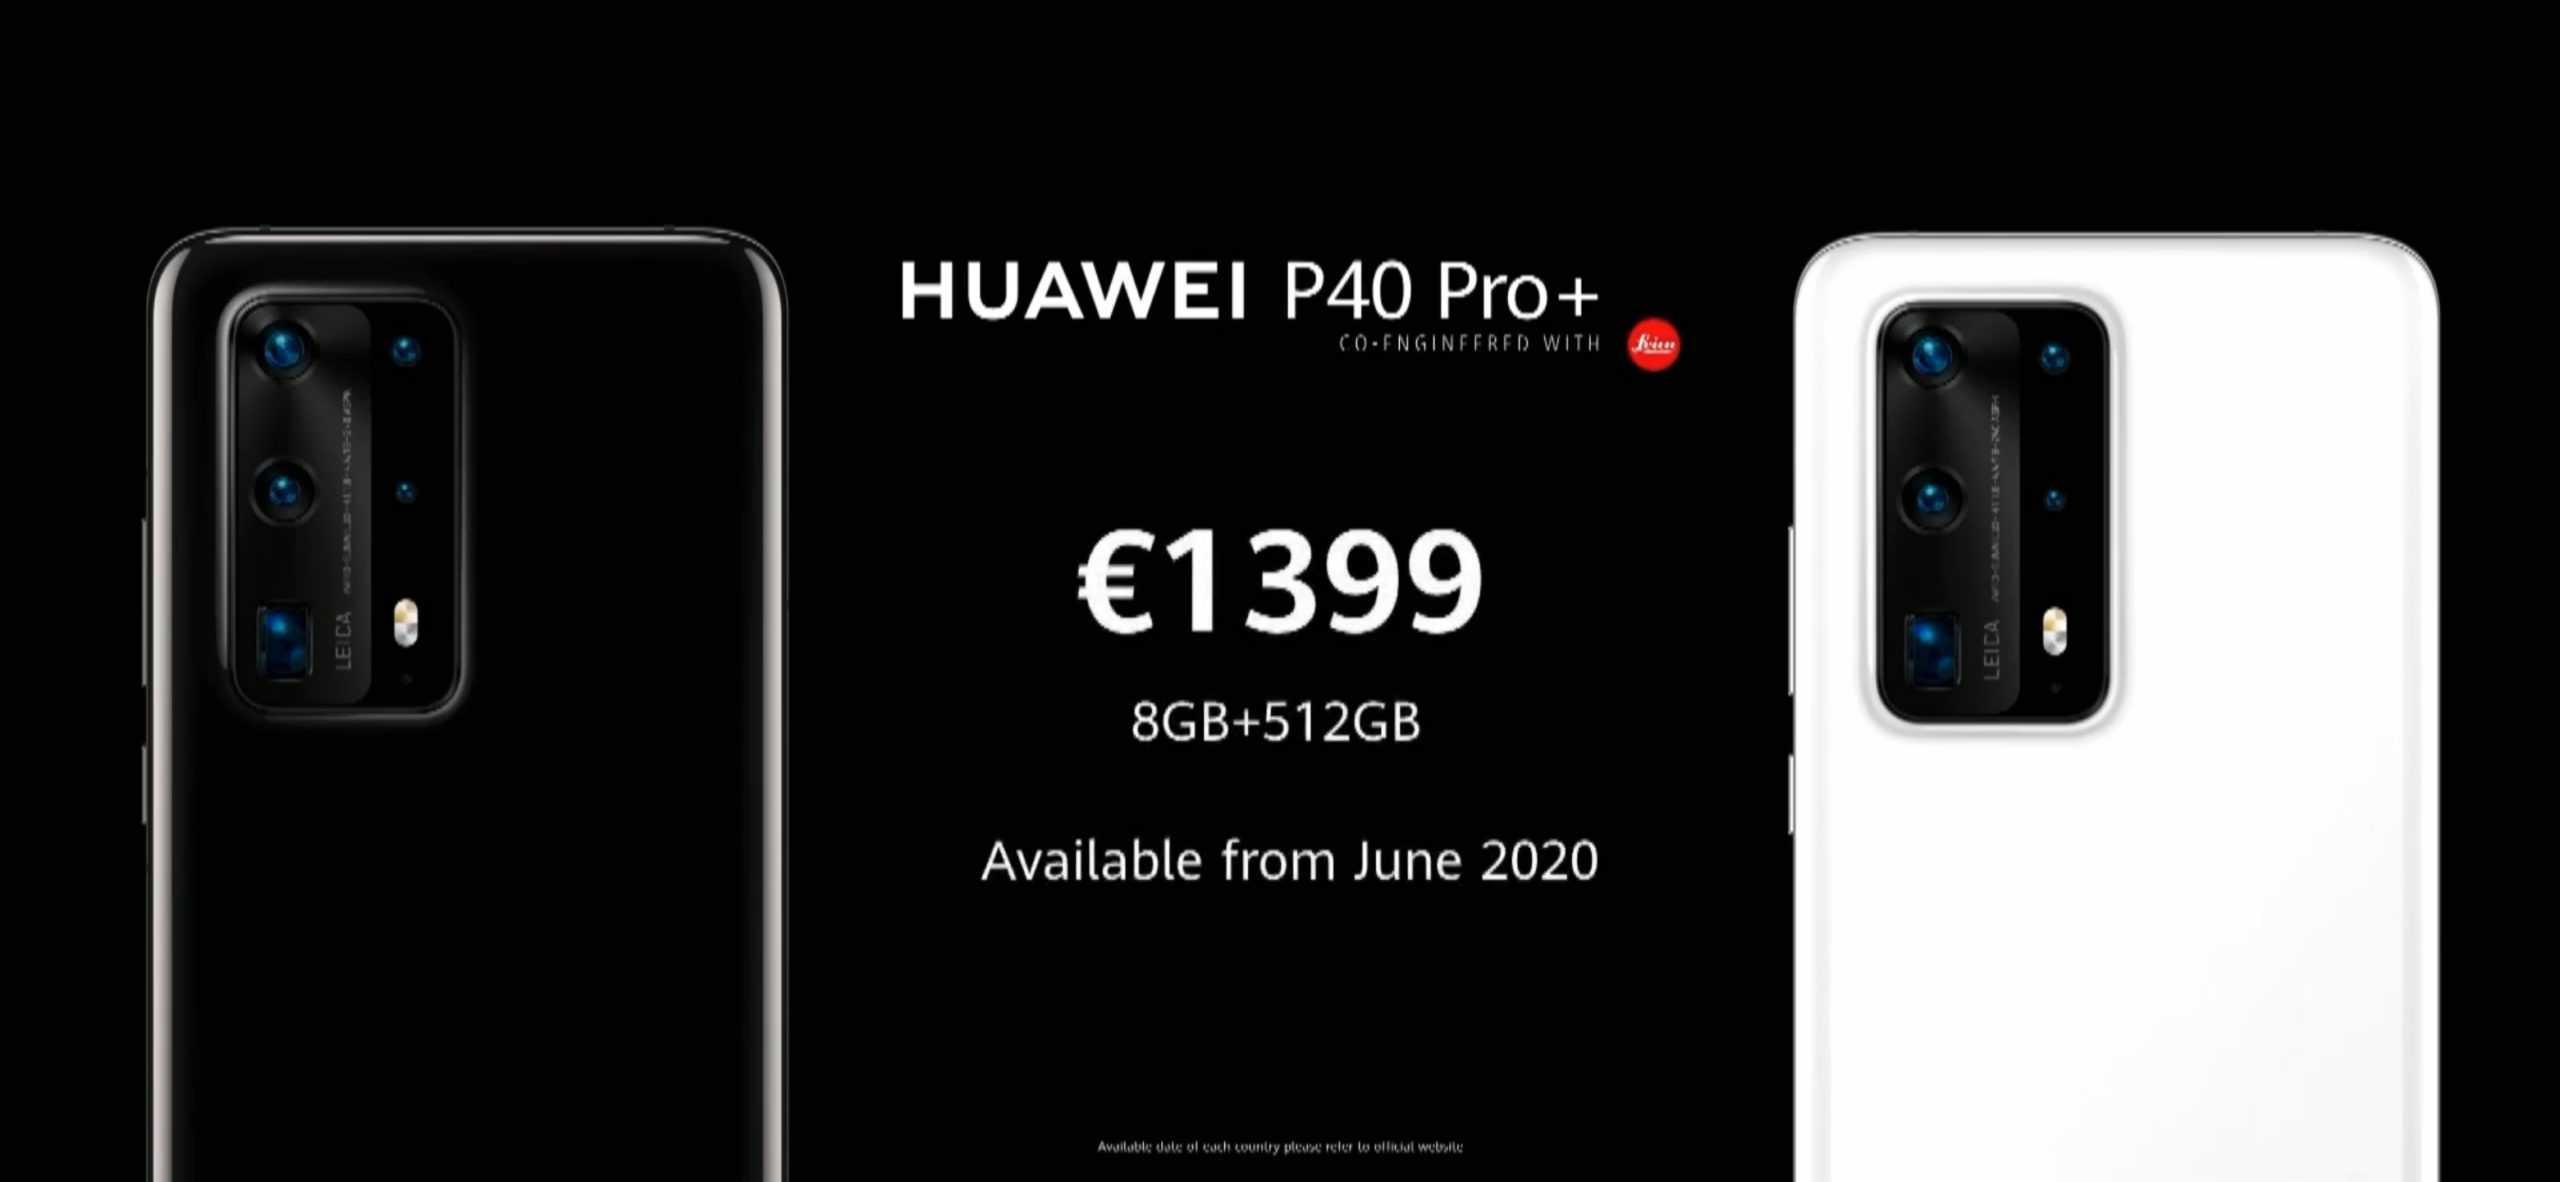 Huawei P40 Pro Plus pricing